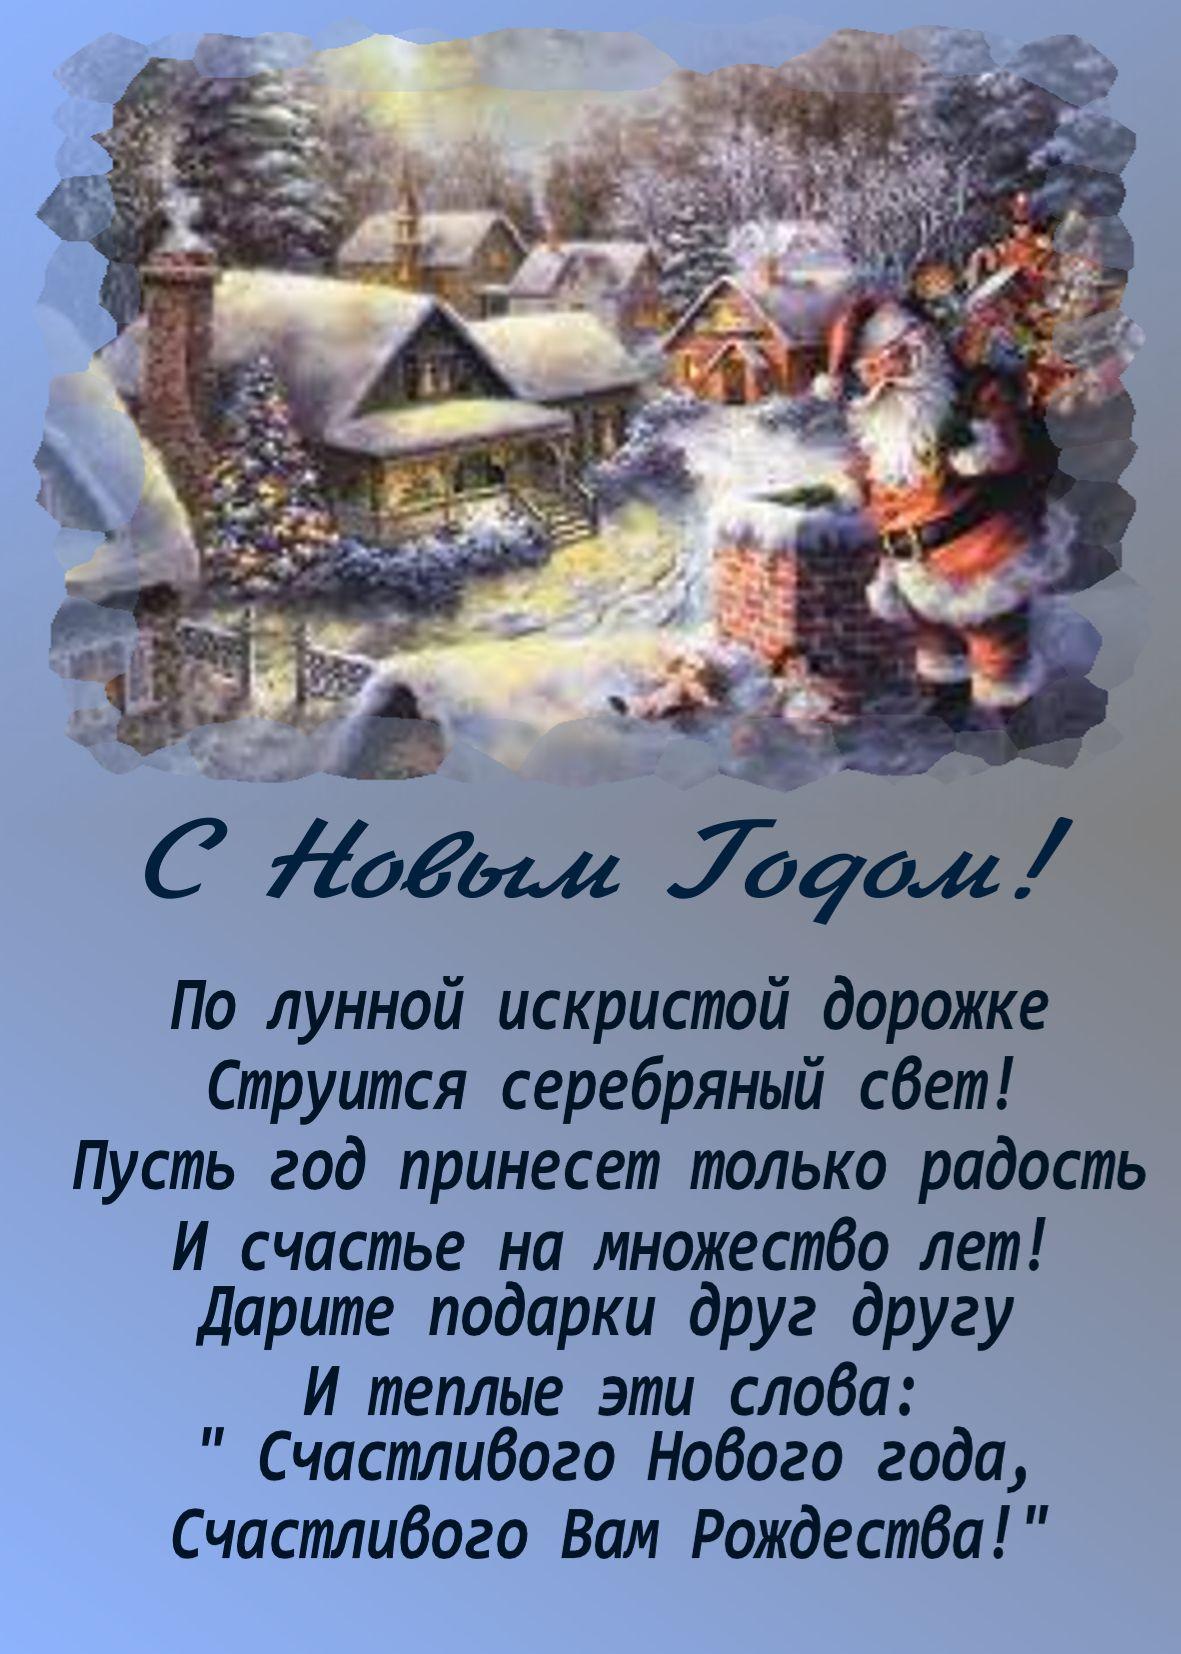 Поздравление стихи с новым годом на открытках